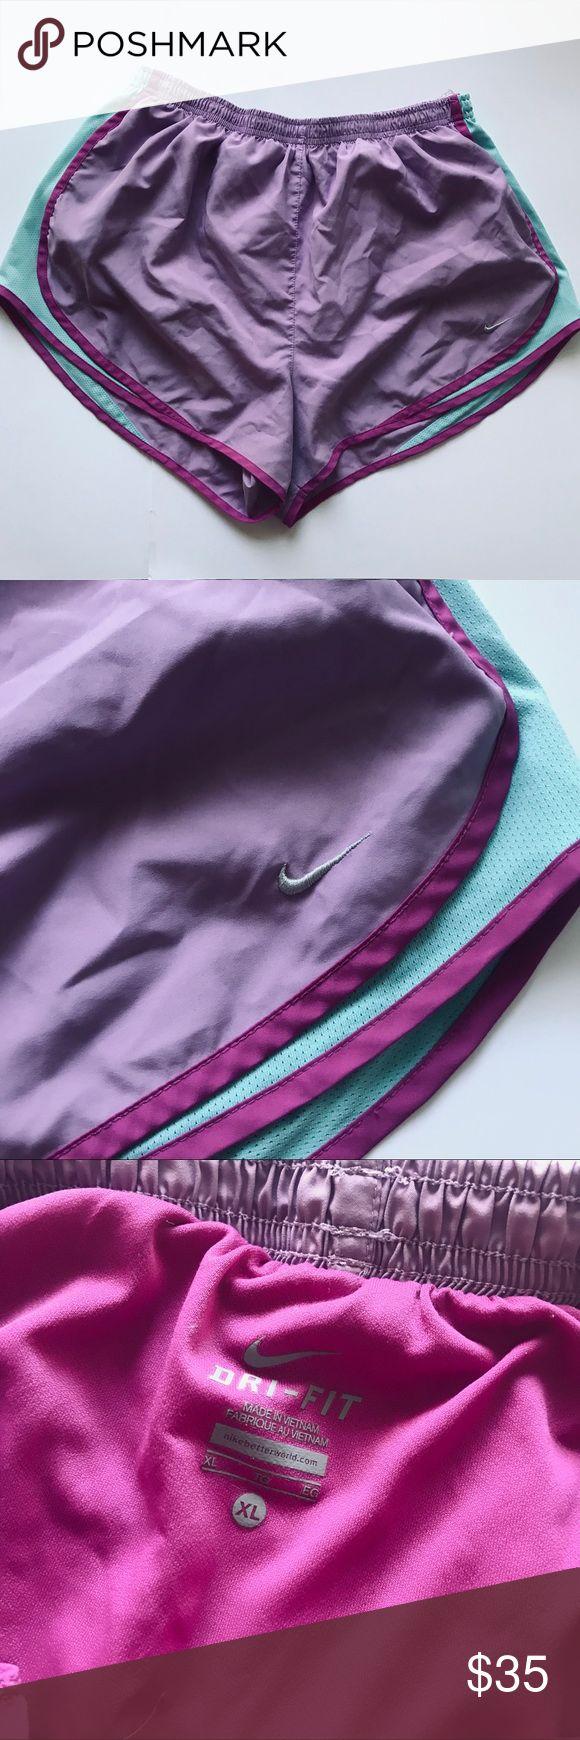 Nike-Shorts Diese Nike-Shorts sind lila und blau und in gutem Zustand. ICH…   – My Posh Picks